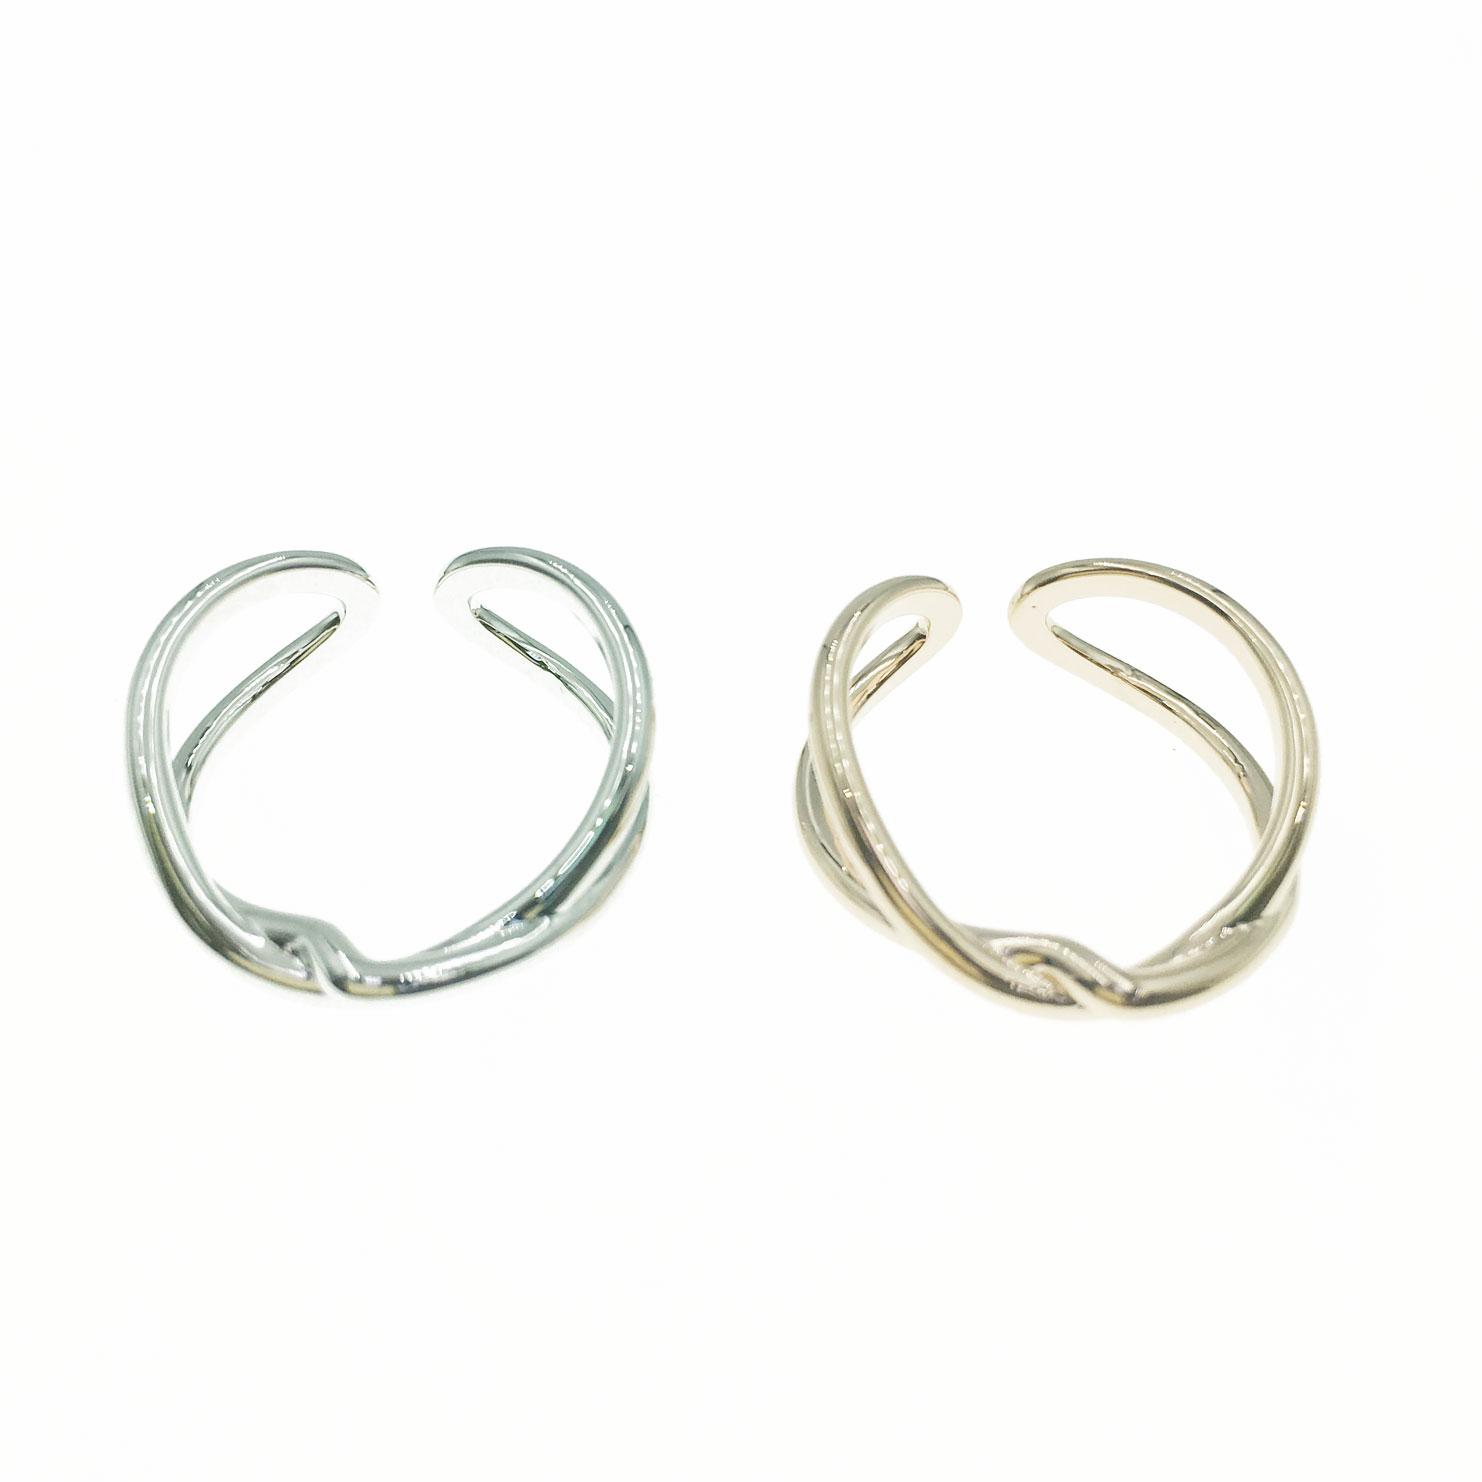 韓國 金屬 造型 銀色 玫瑰金 明星款飾品 可調式 戒指